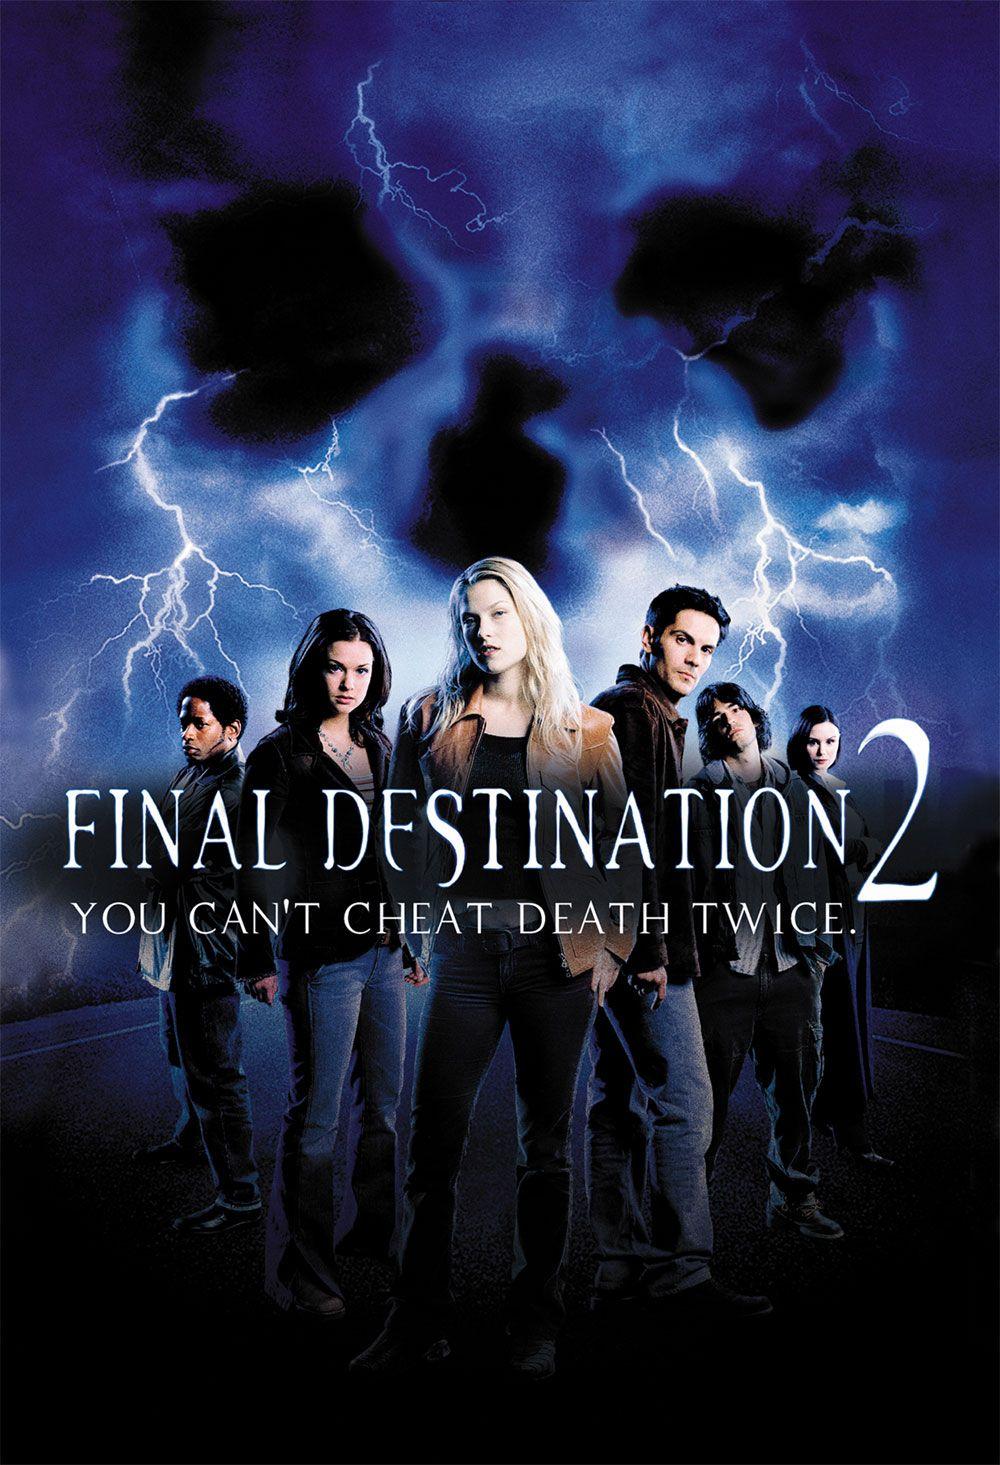 Final Destination 2 - Review: Final Destination 2 (2003) is an American  supernatural thriller horror mo… | Horror movies, Final destination movies,  Streaming movies